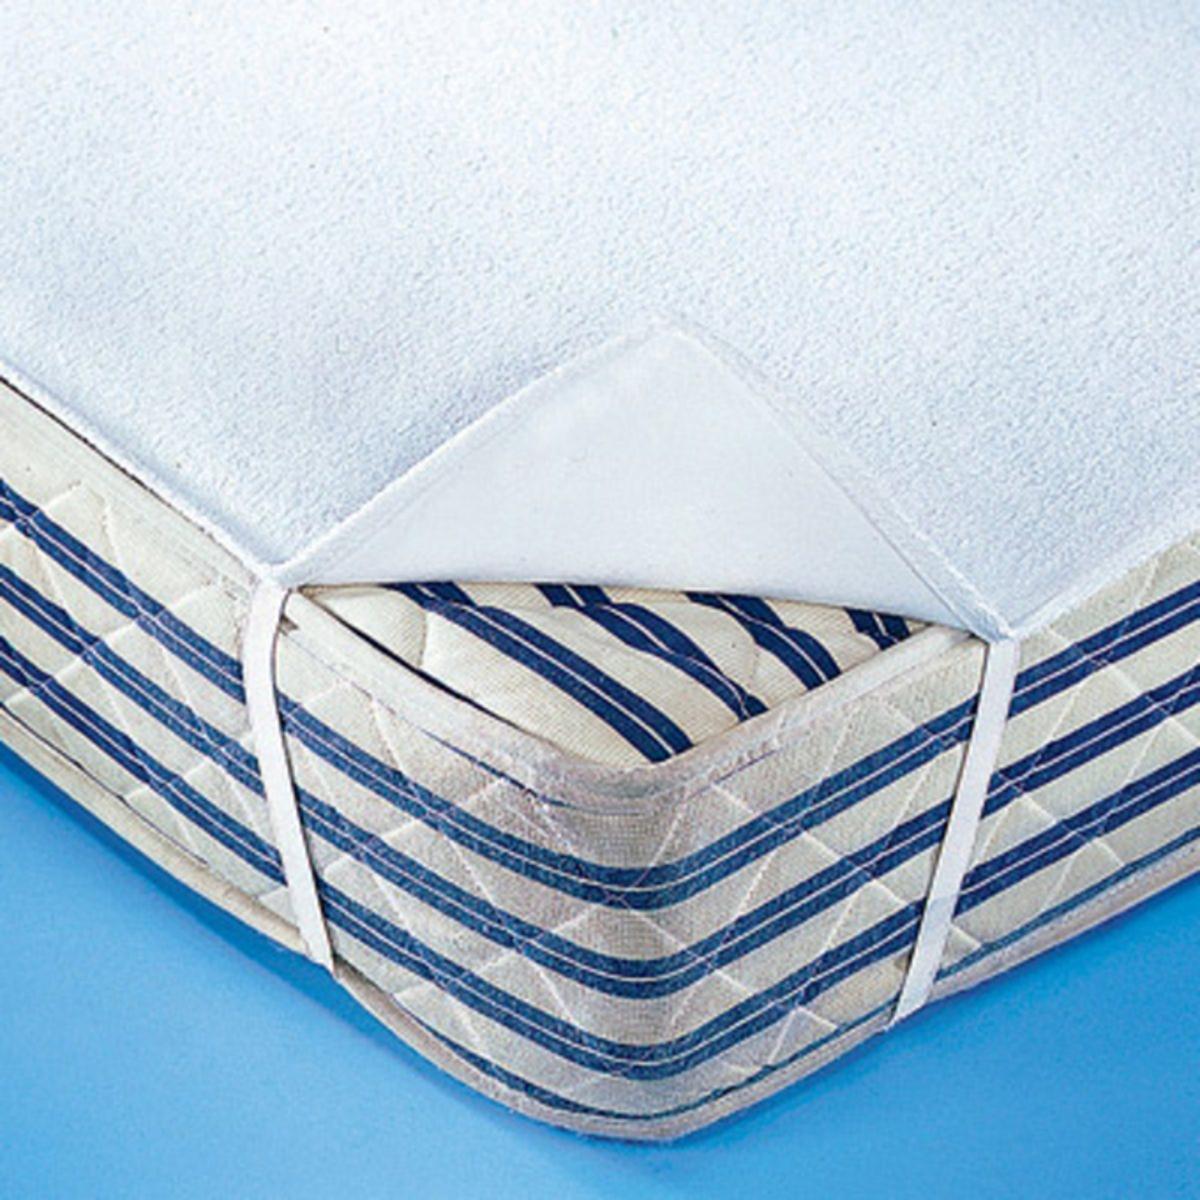 Чехол защитный для матраса двухсторонний из махрового мольтона непромокаемый и дышащий в форме простыни чехол защитный для подушки из стретч мольтона